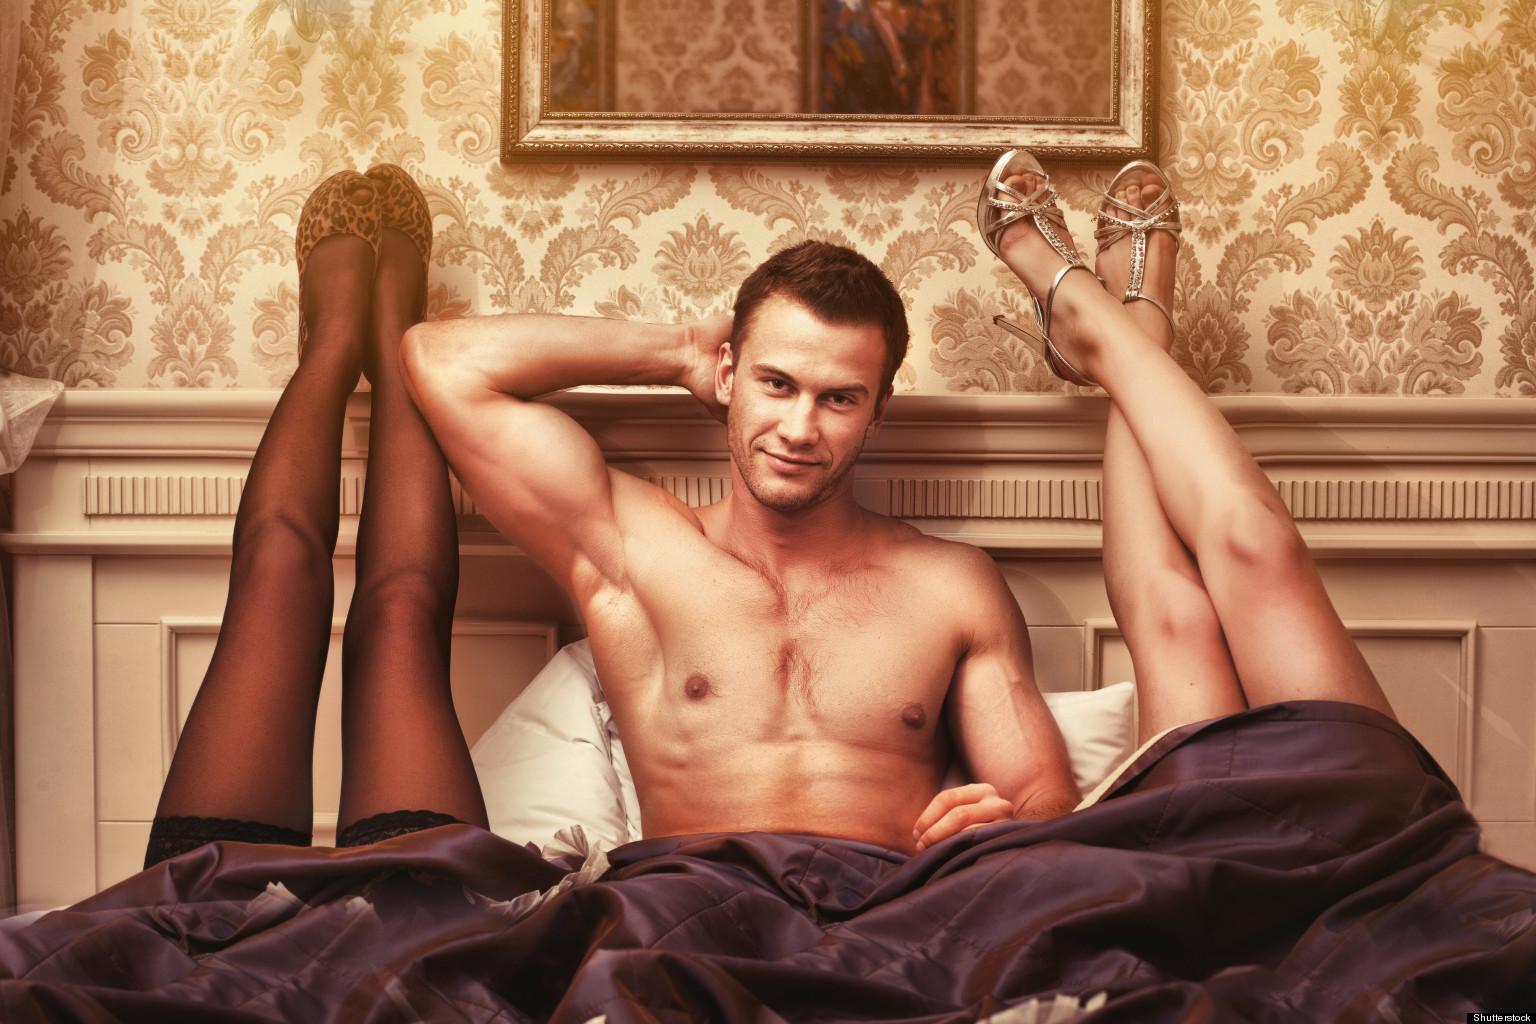 Сексуальная девушка с двумя мужчинами 7 фотография